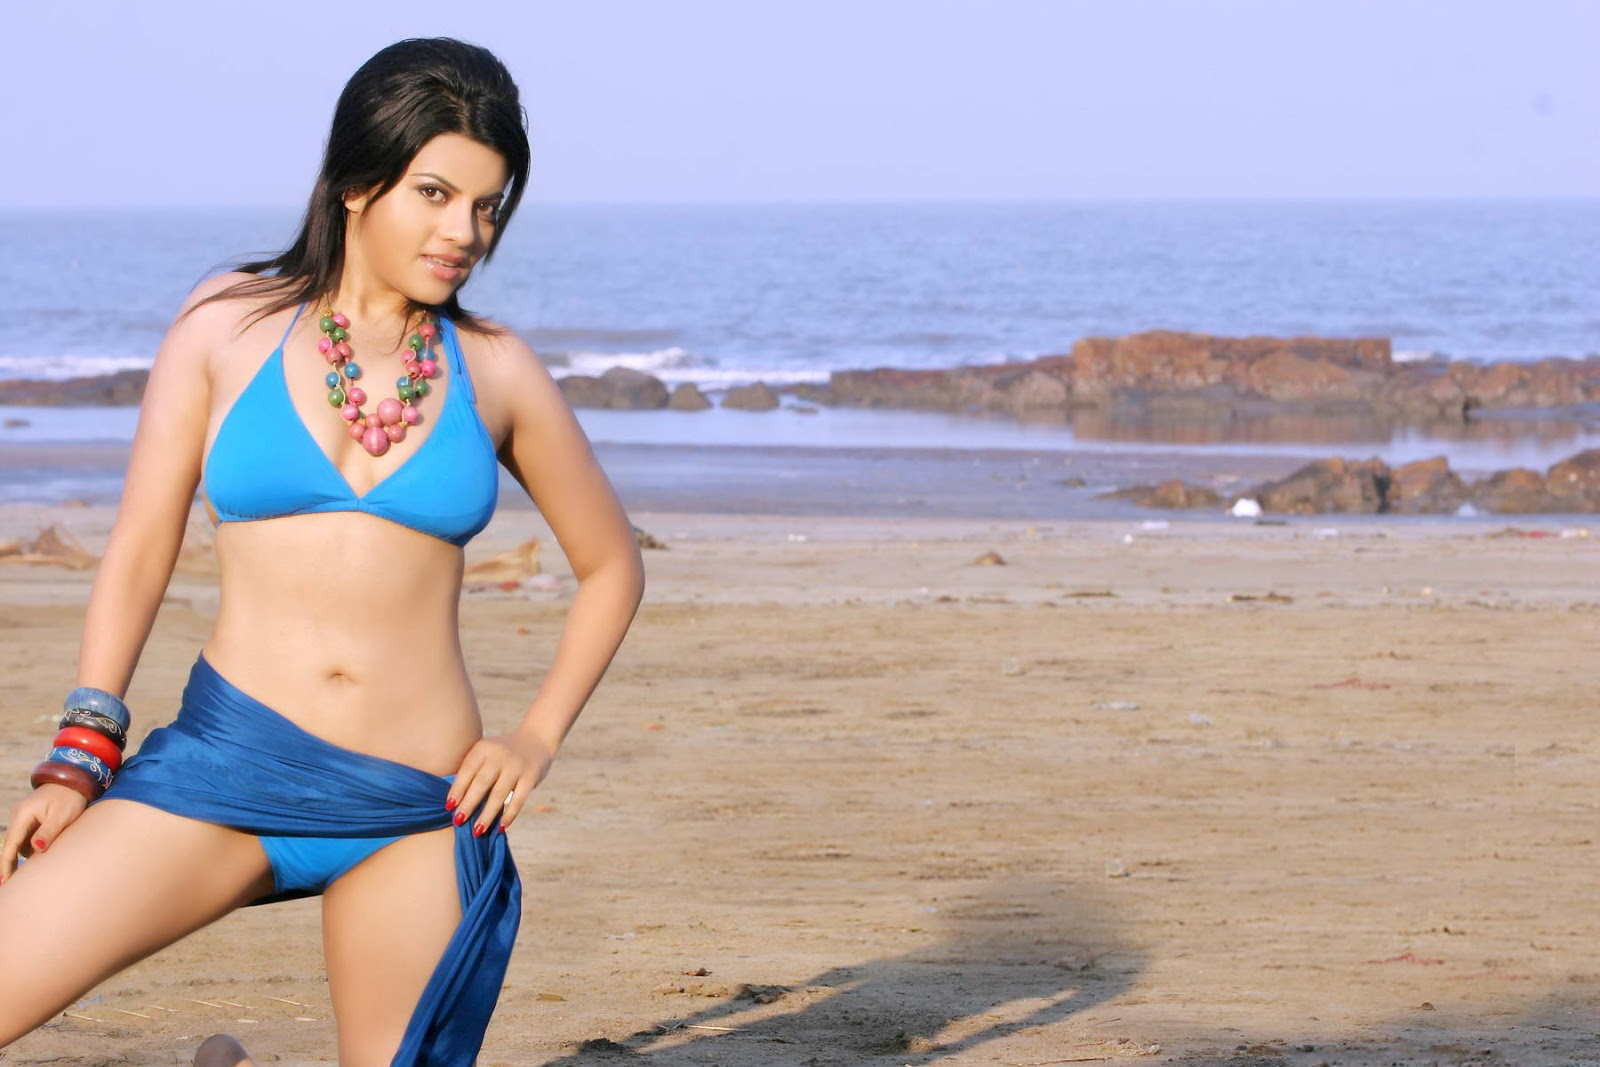 Hindi tv serial actresses nude pics 5